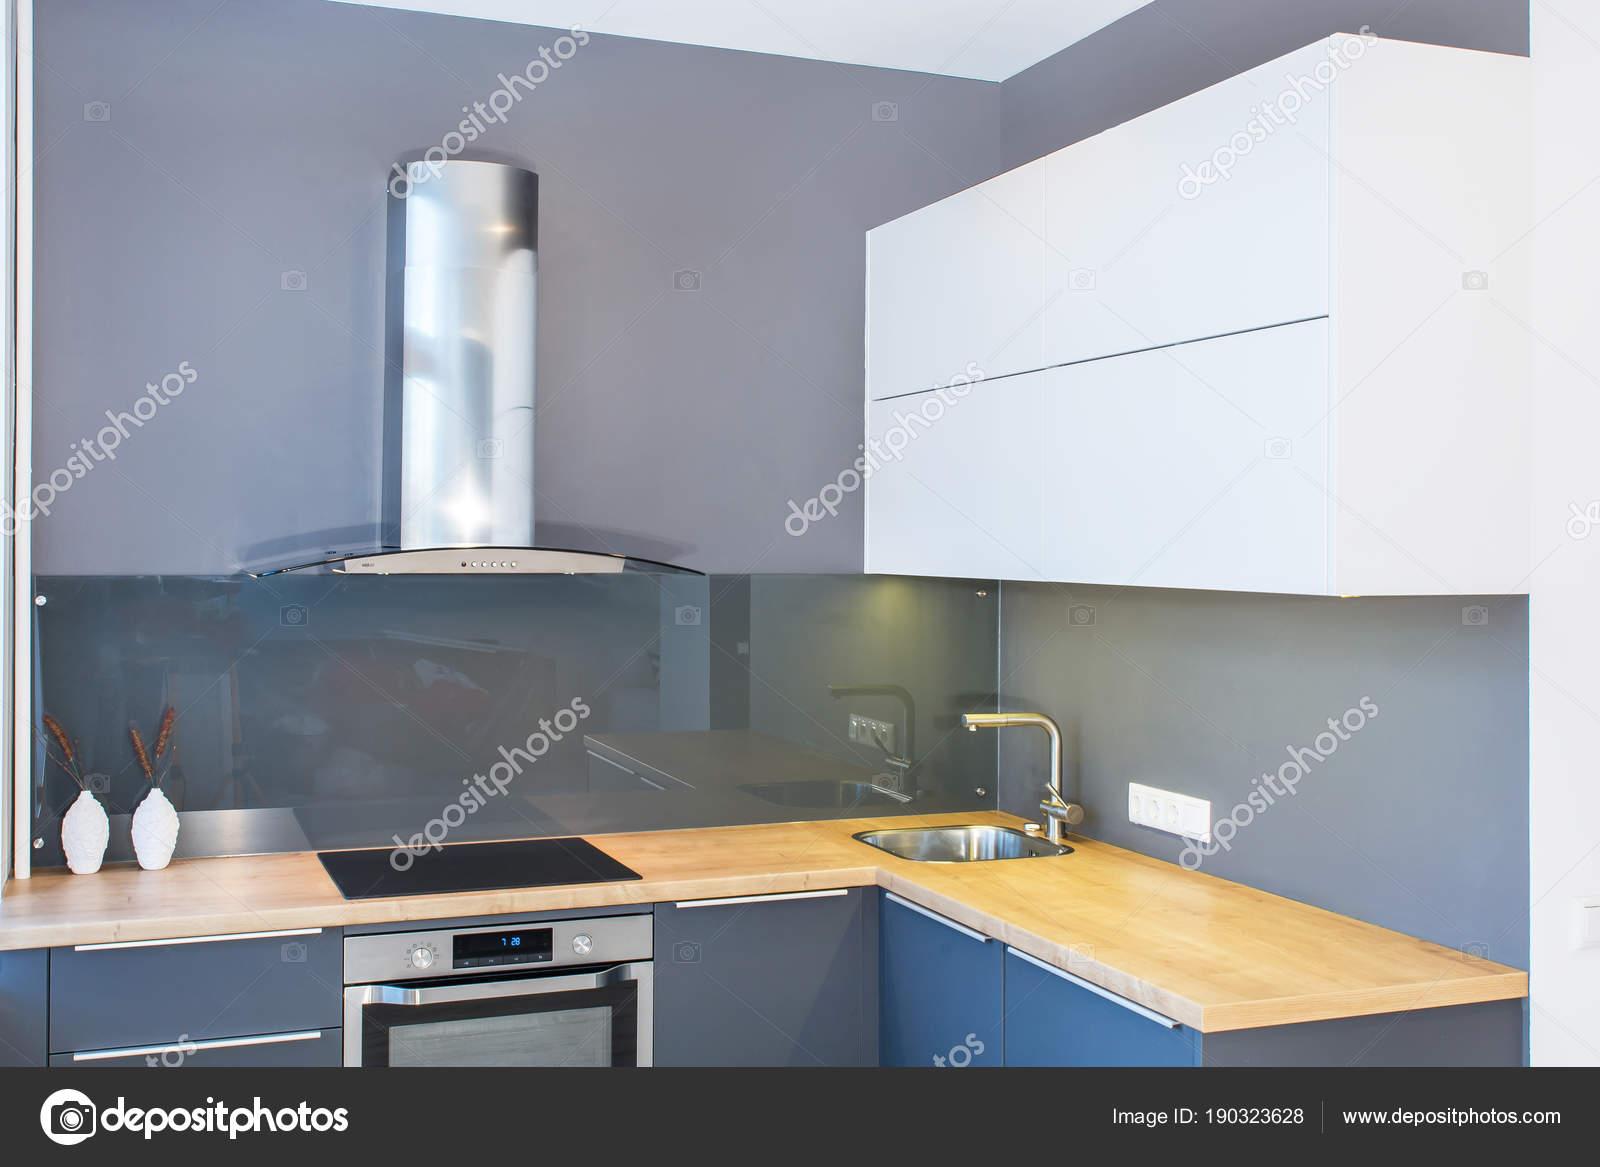 Design Moderno Mobili Cucina Interni Appartamento Con ...